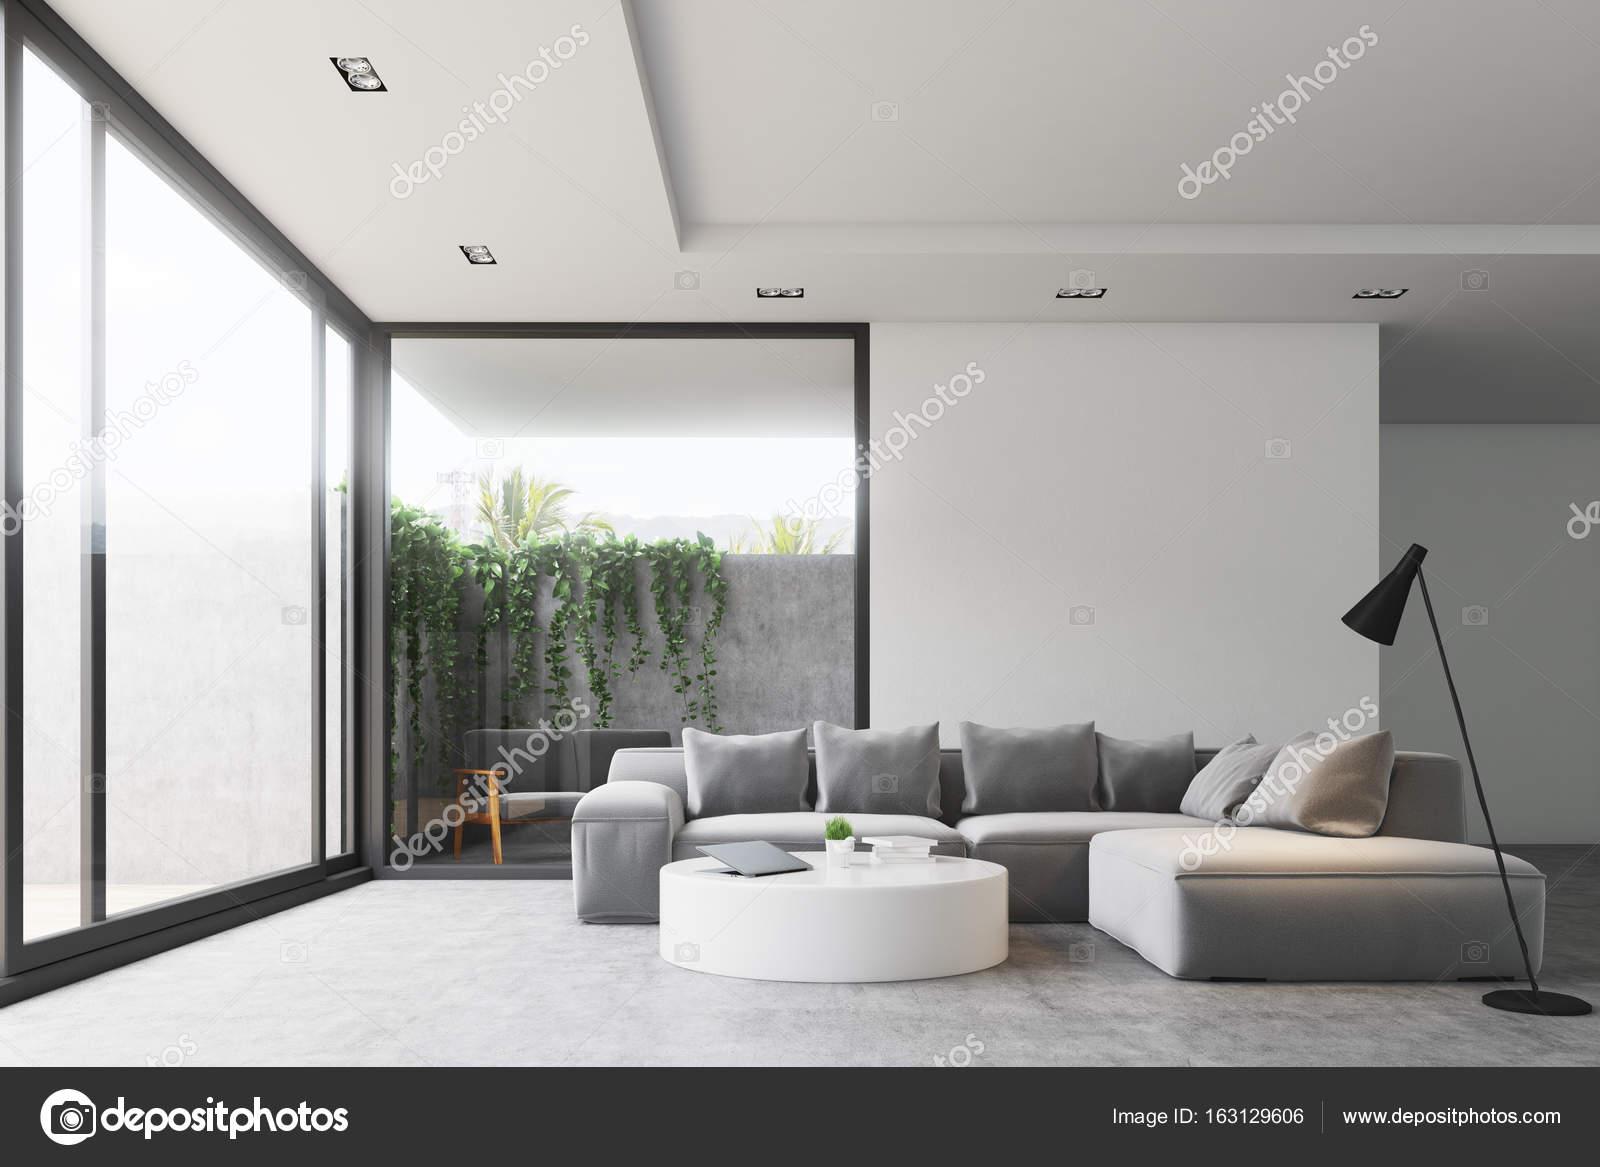 https://st3.depositphotos.com/2673929/16312/i/1600/depositphotos_163129606-stockafbeelding-woonkamer-ronde-tafel-bank-voorzijde.jpg